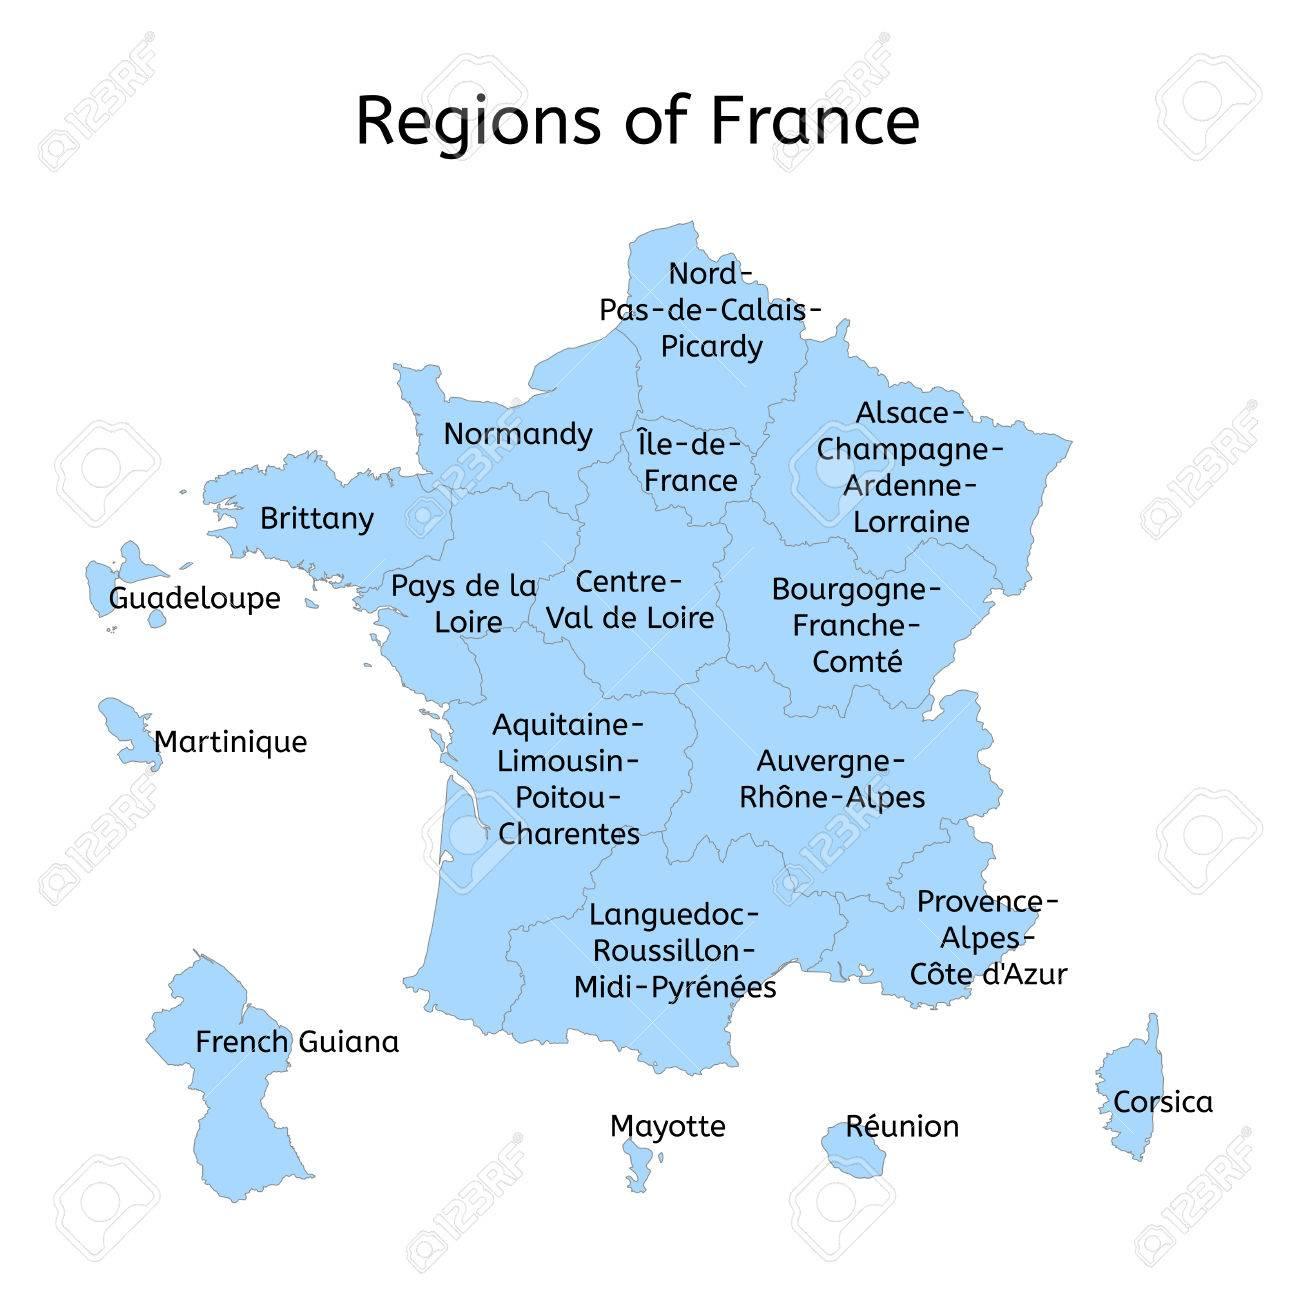 Carte Administrative France Avec De Nouvelles Régions Sur Blanc dedans Nouvelles Régions Carte